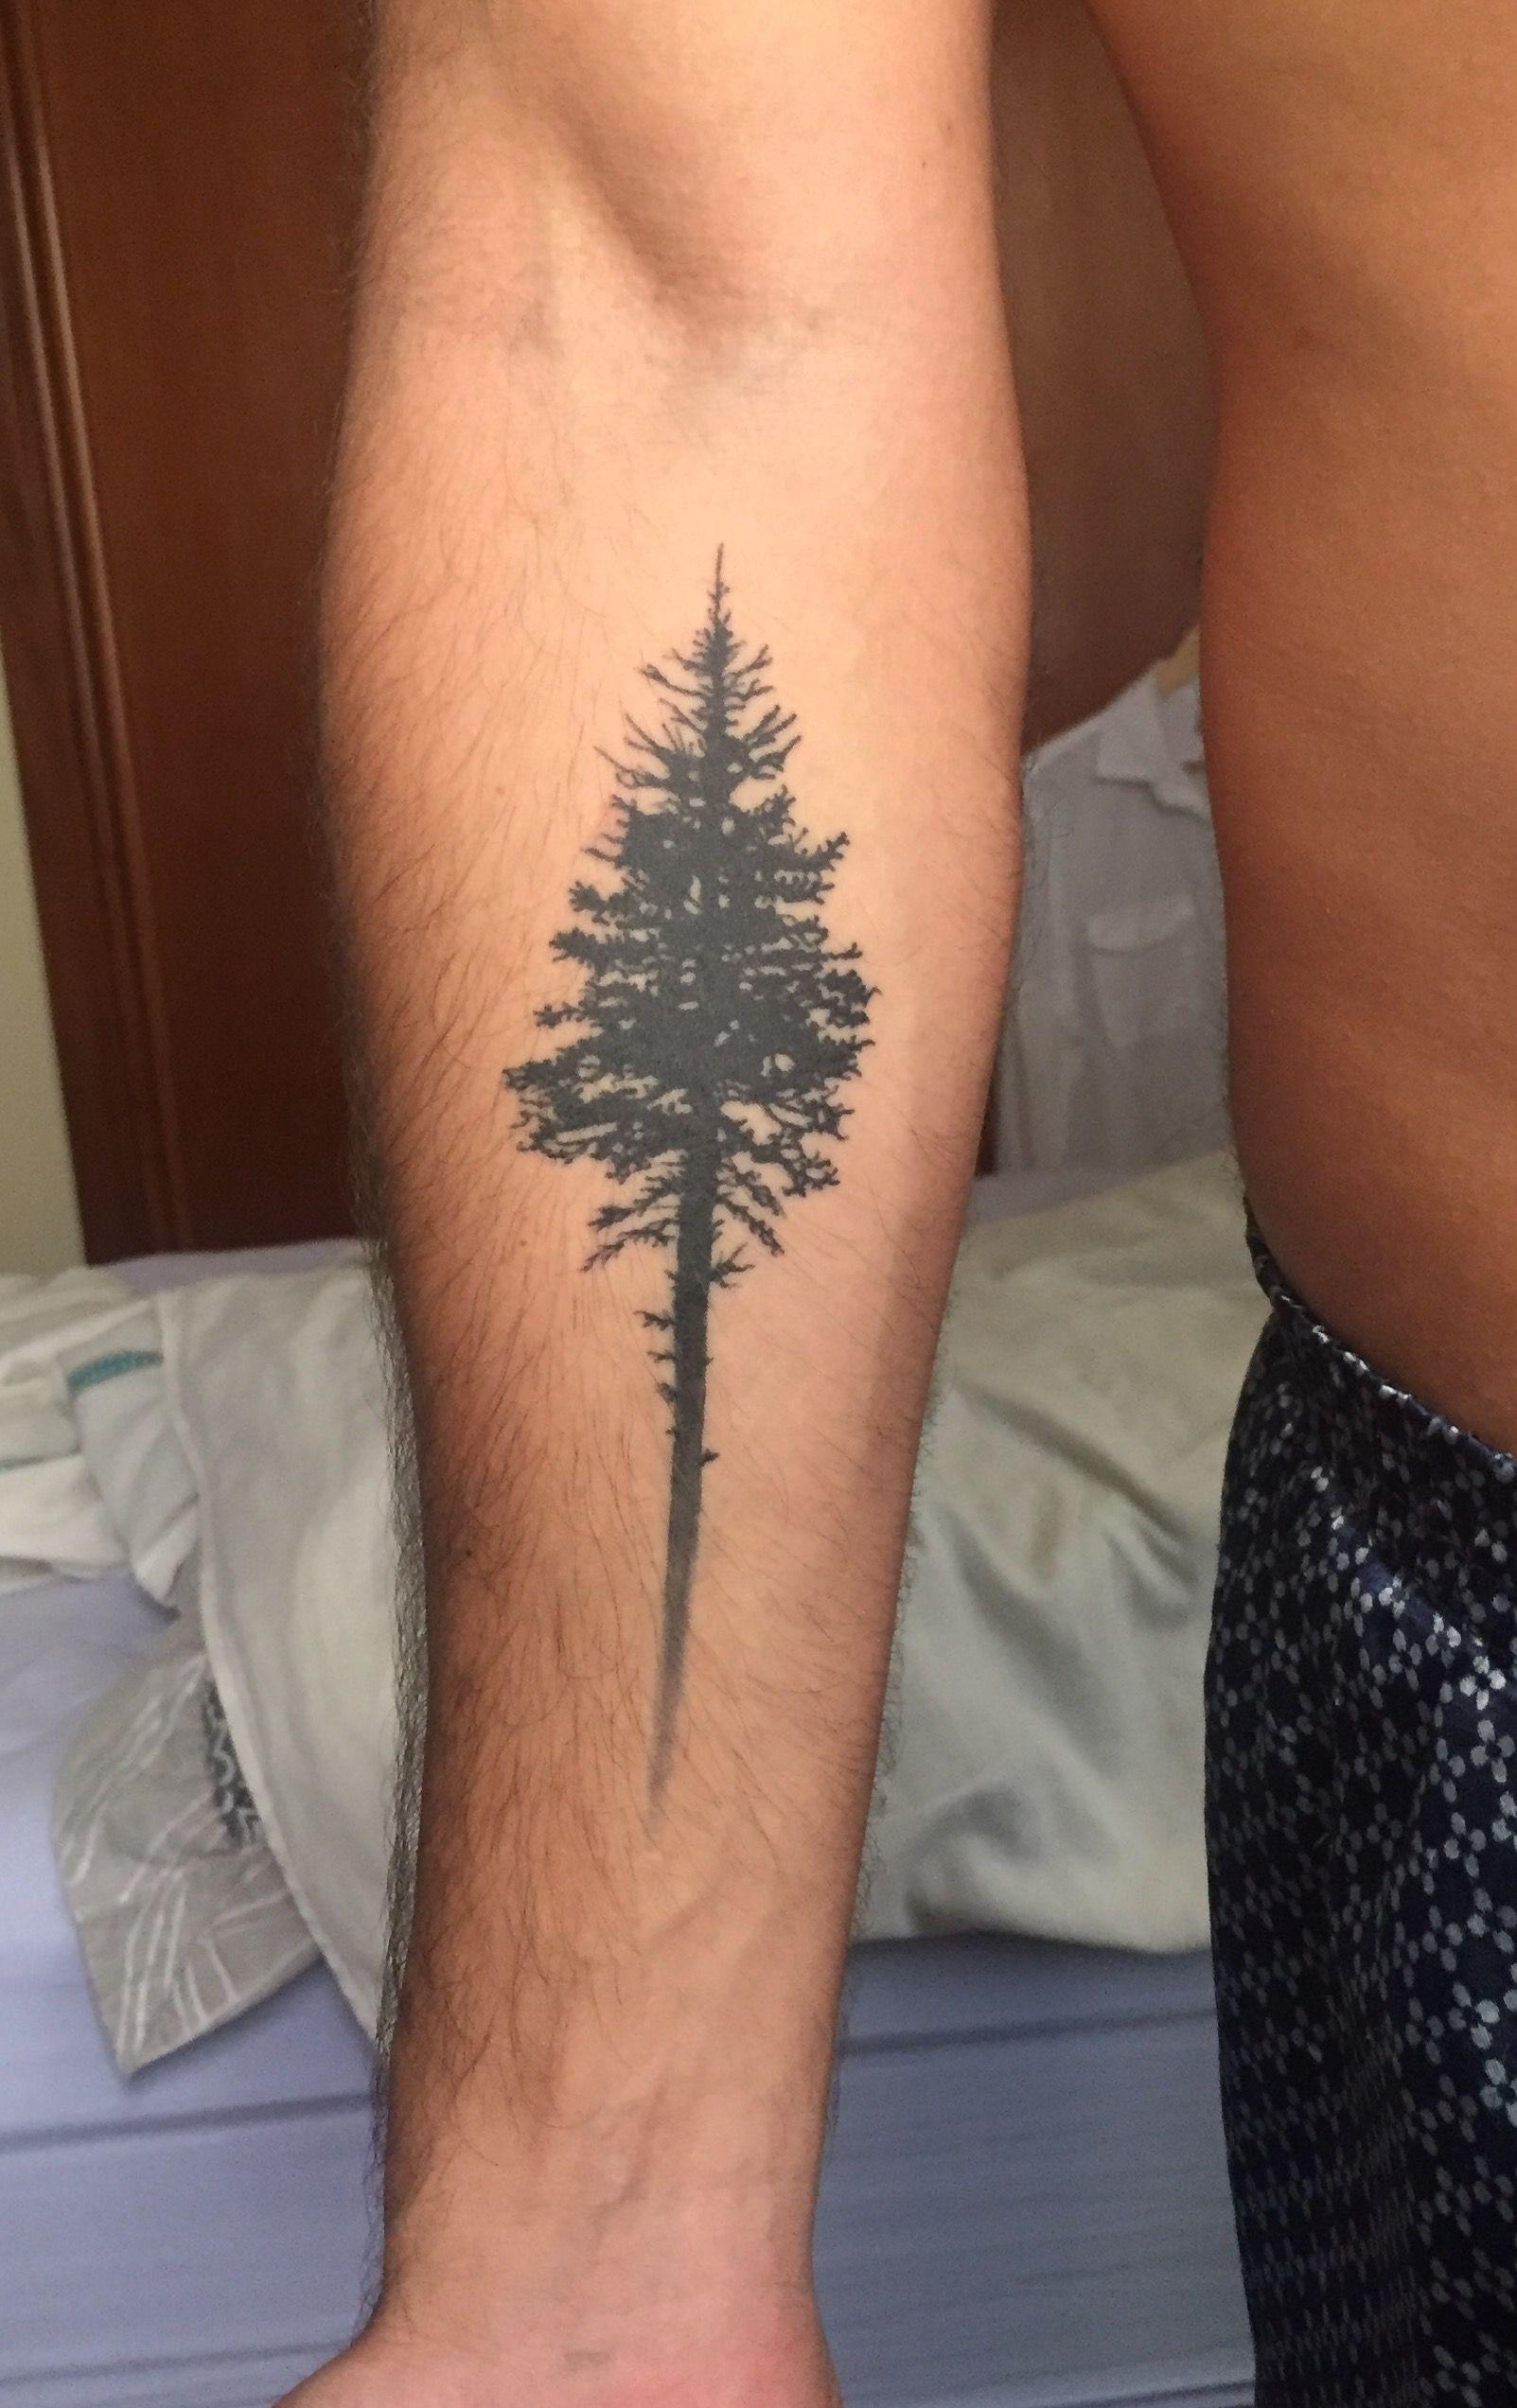 Pine tree tattoo